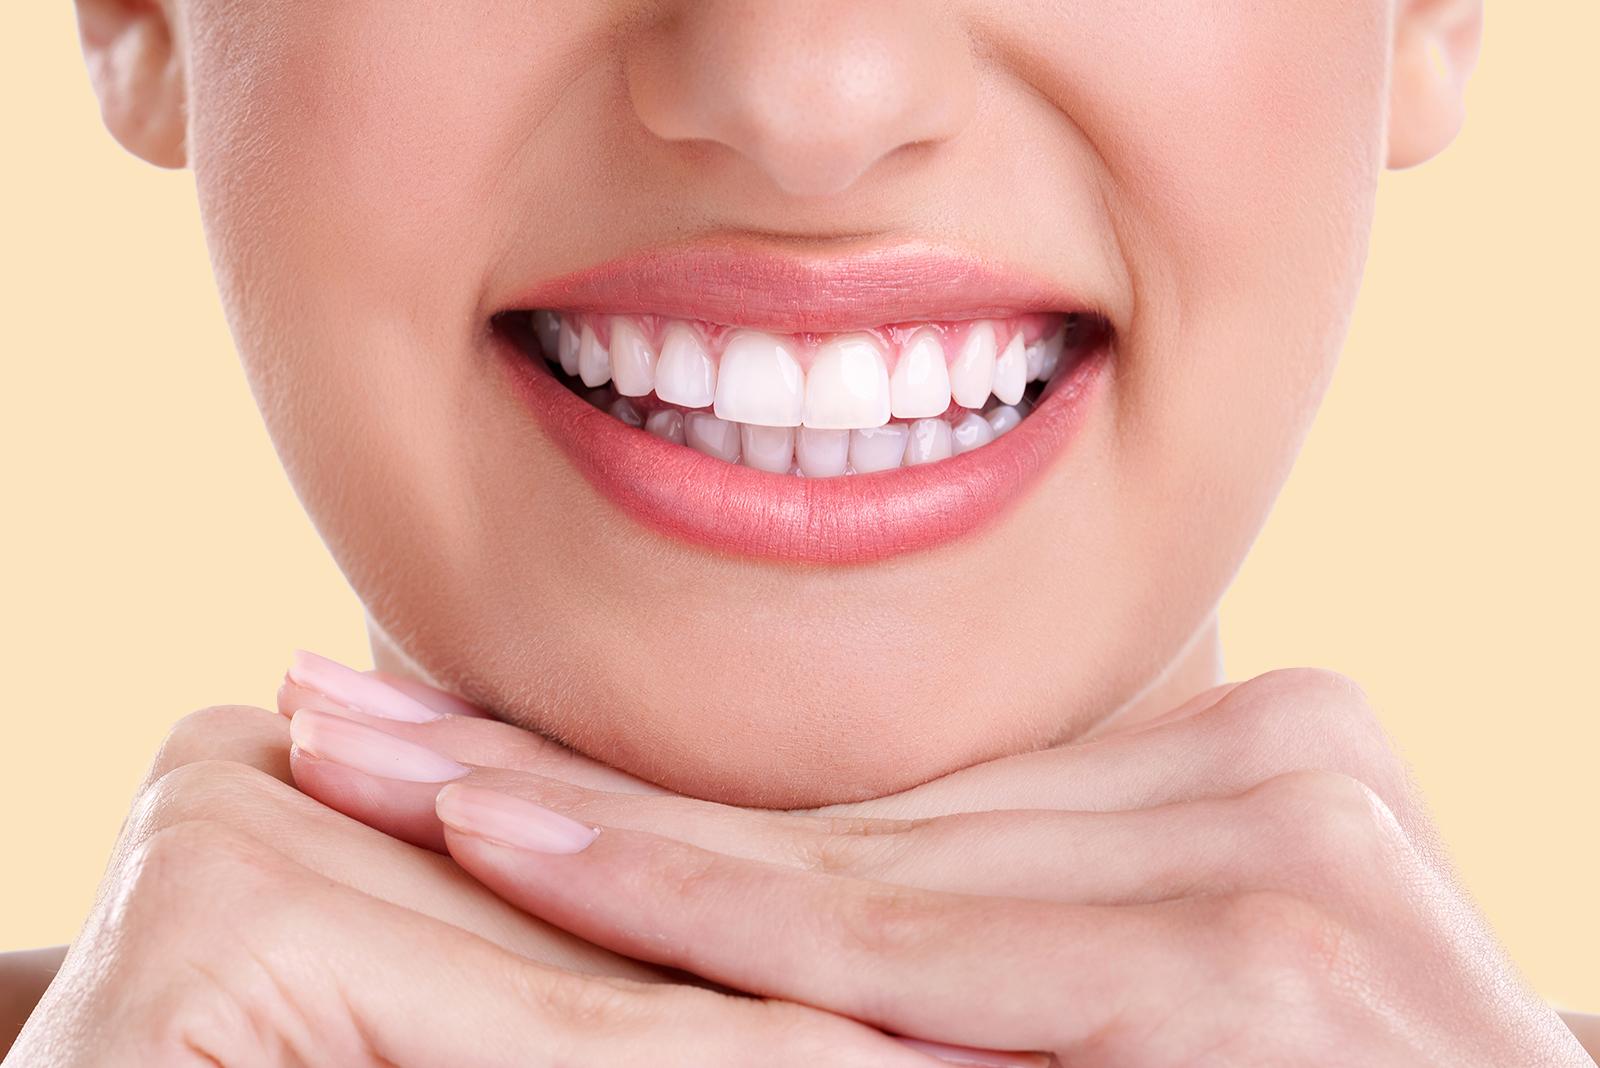 Lente de contato dental: como famosos cuidam de seus sorrisos perfeitos